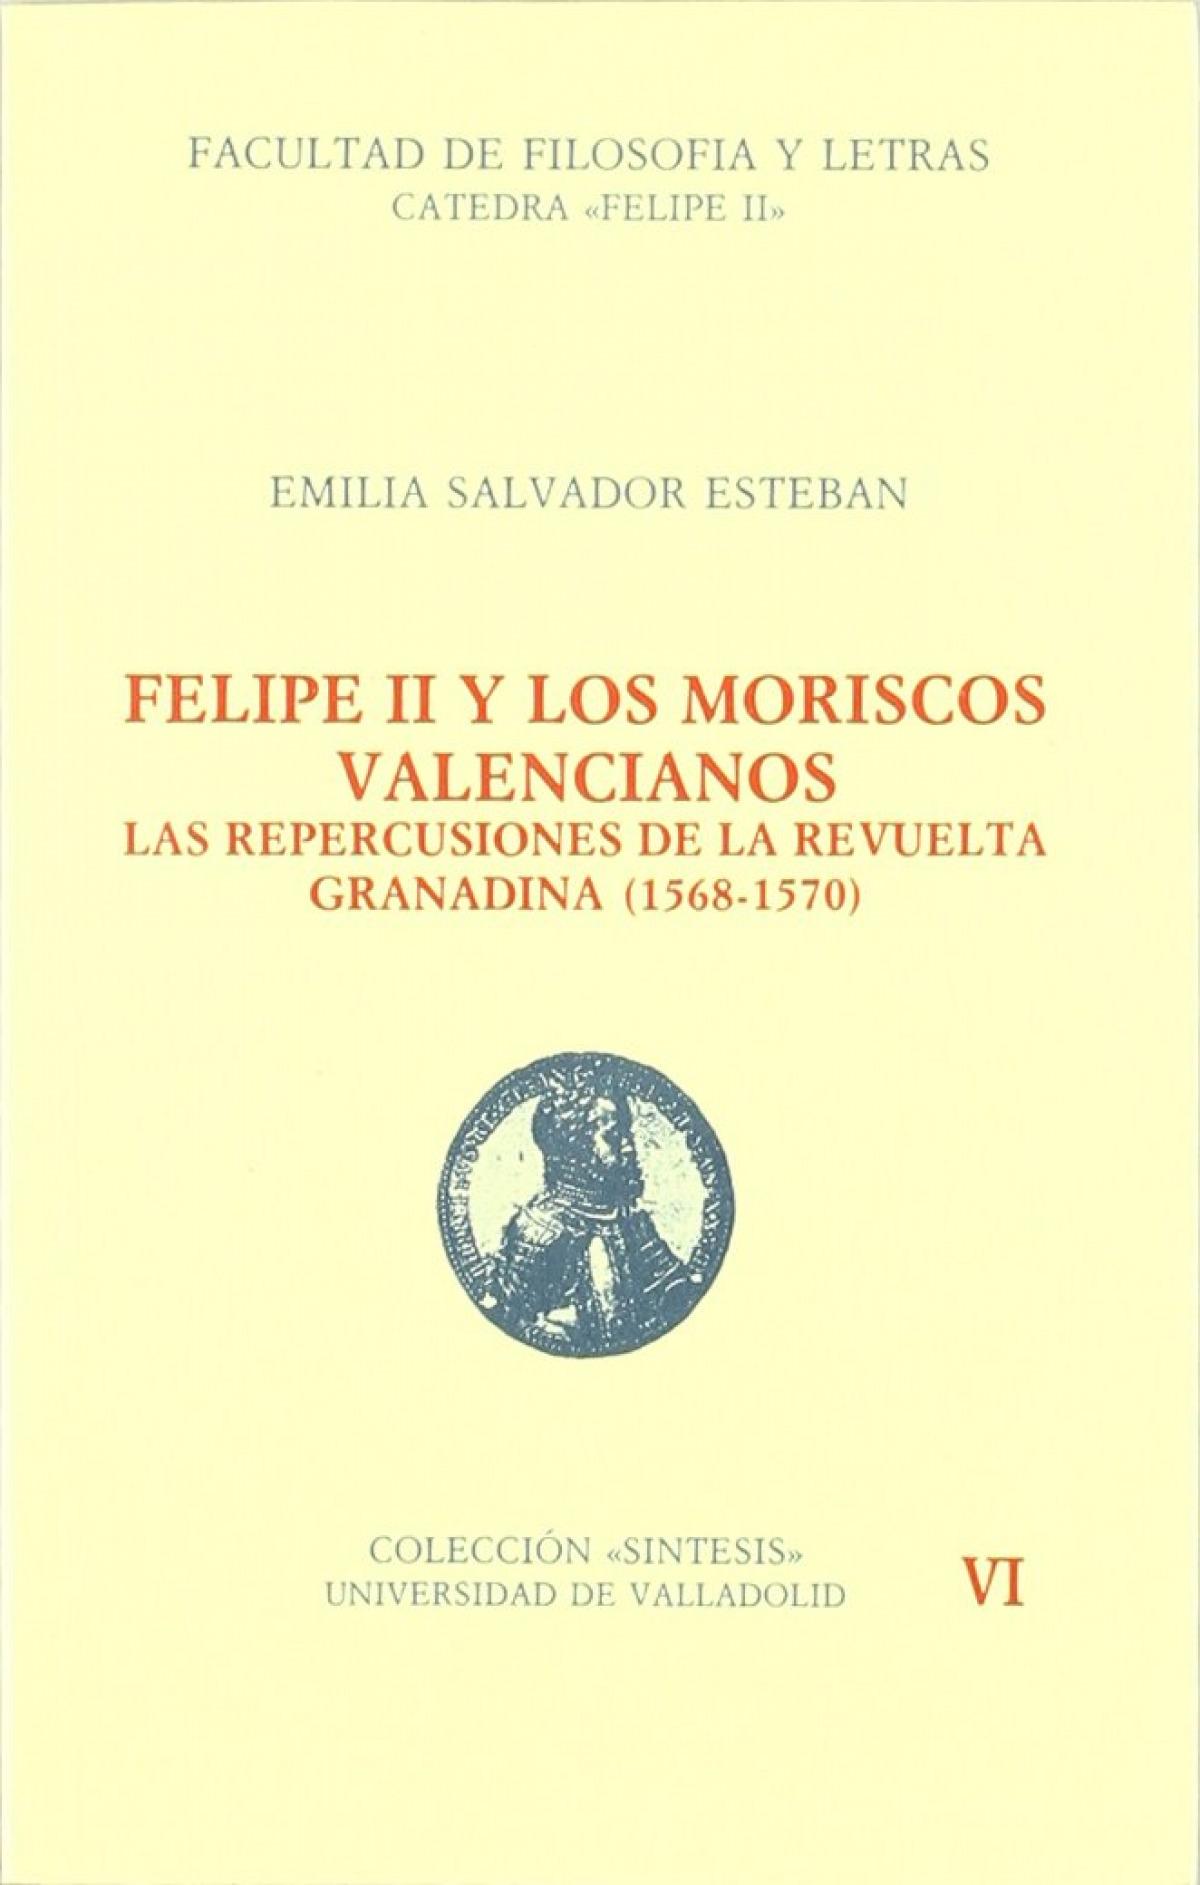 FELIPE II Y LOS MORISCOS VALENCIANOS